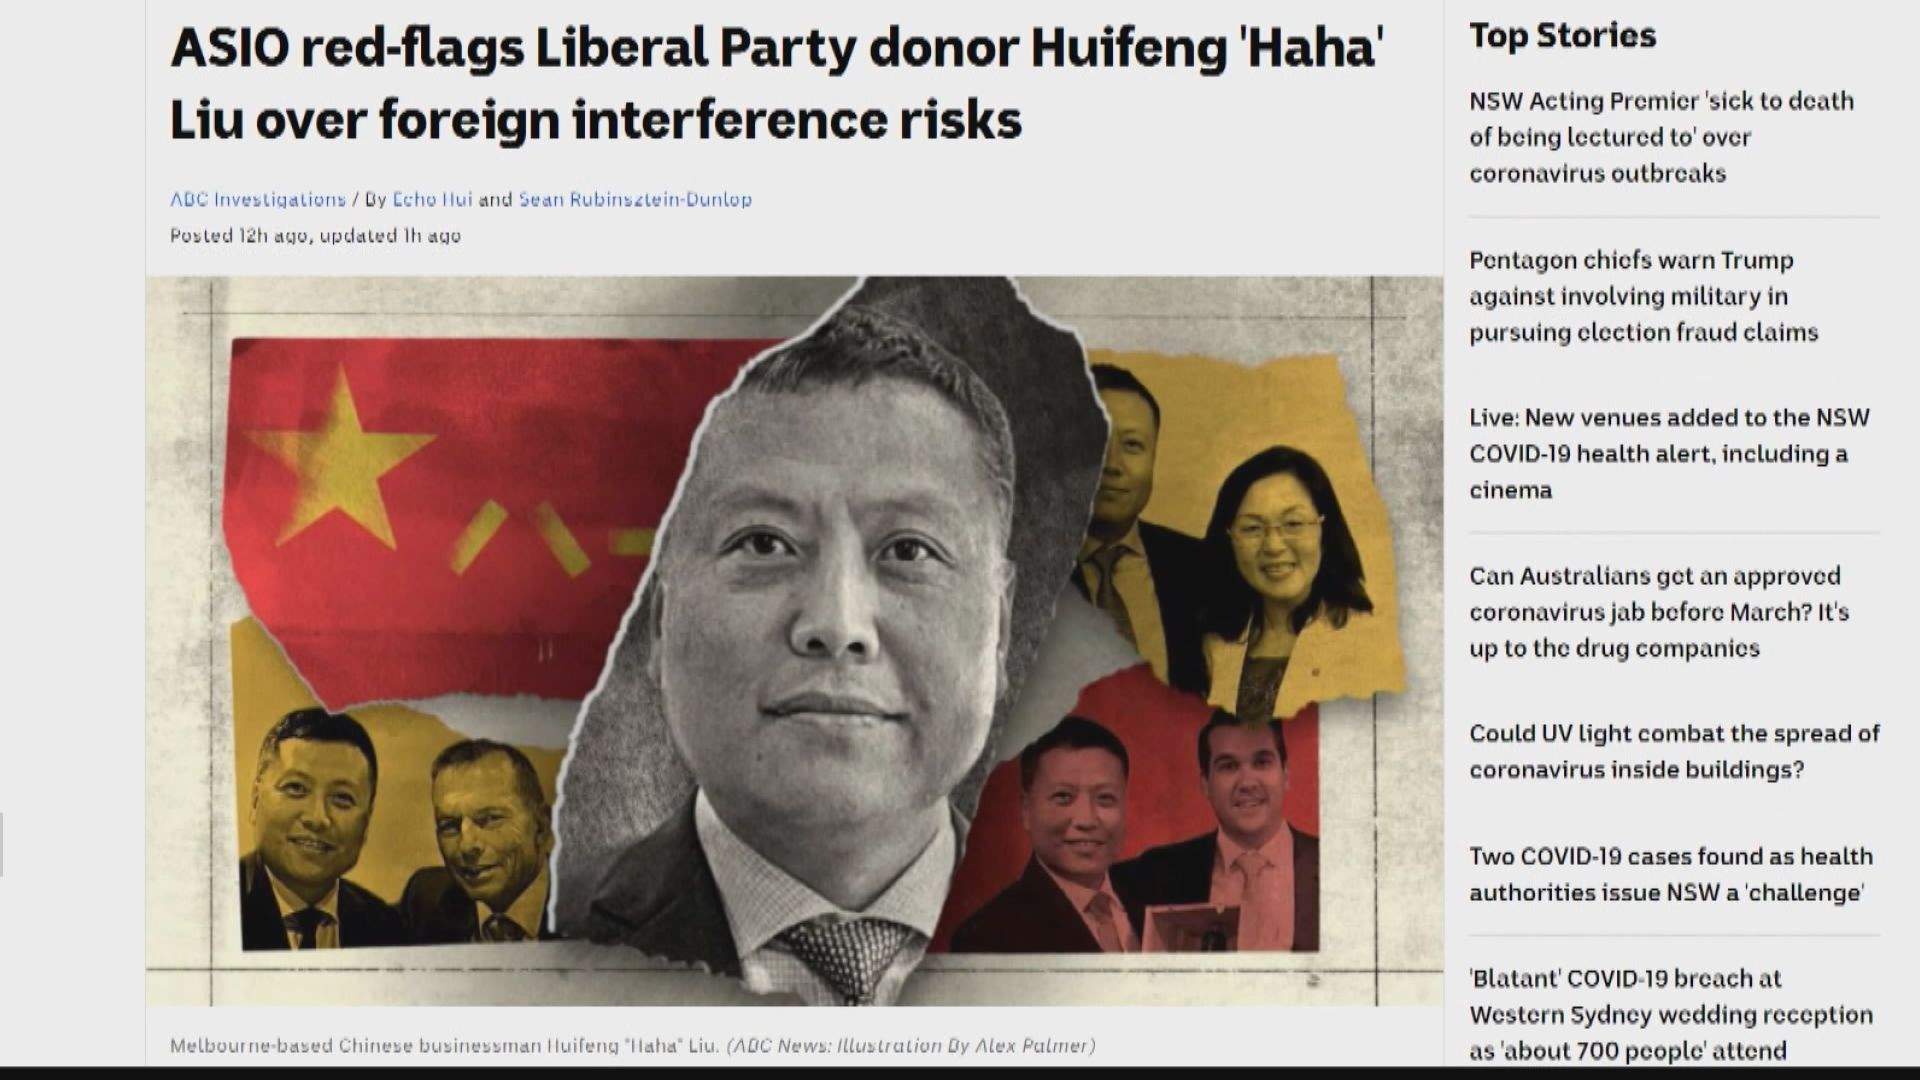 一名華裔商人將被澳洲驅逐出境